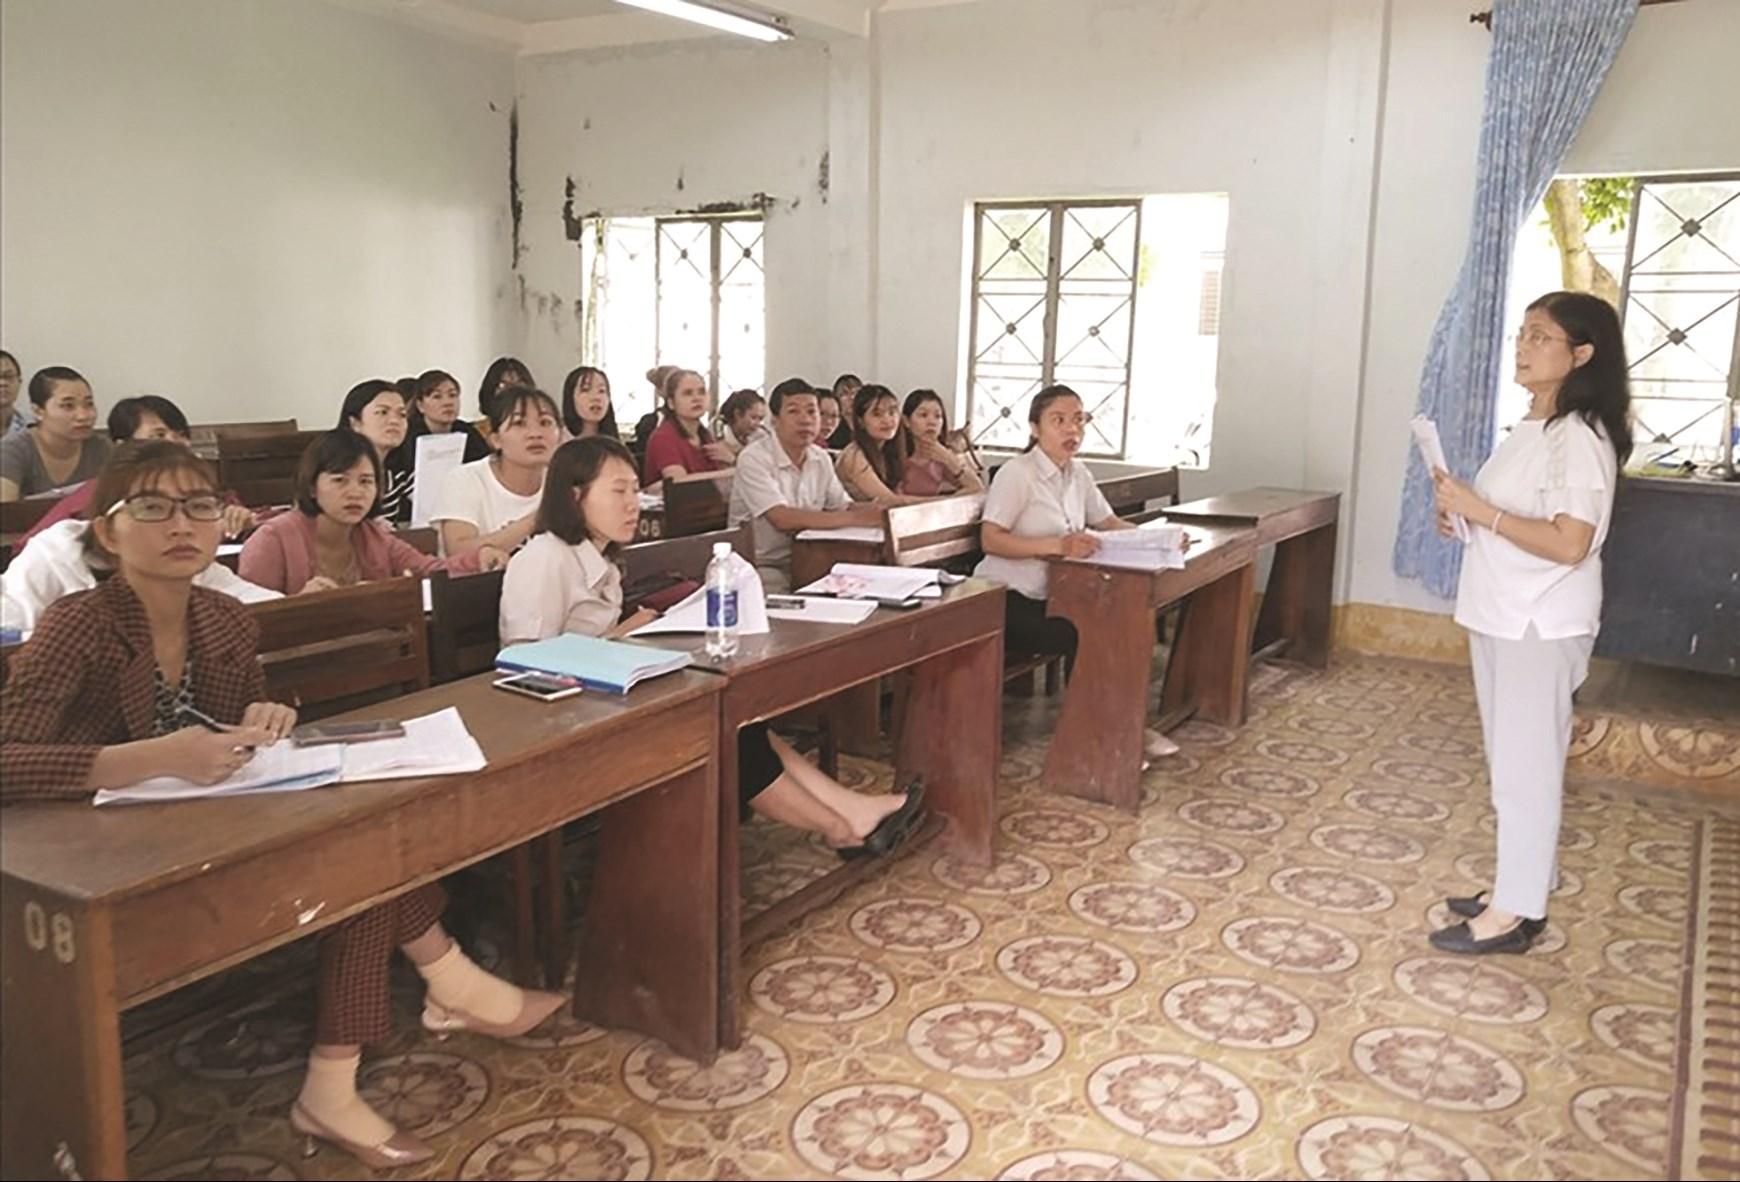 Từ năm 2018 đến nay, Trường CĐSP Gia Lai thiếu sinh viên, giảng viên phải đi biệt phái dạy học ở vùng xa. (Ảnh Thanh Tuấn)